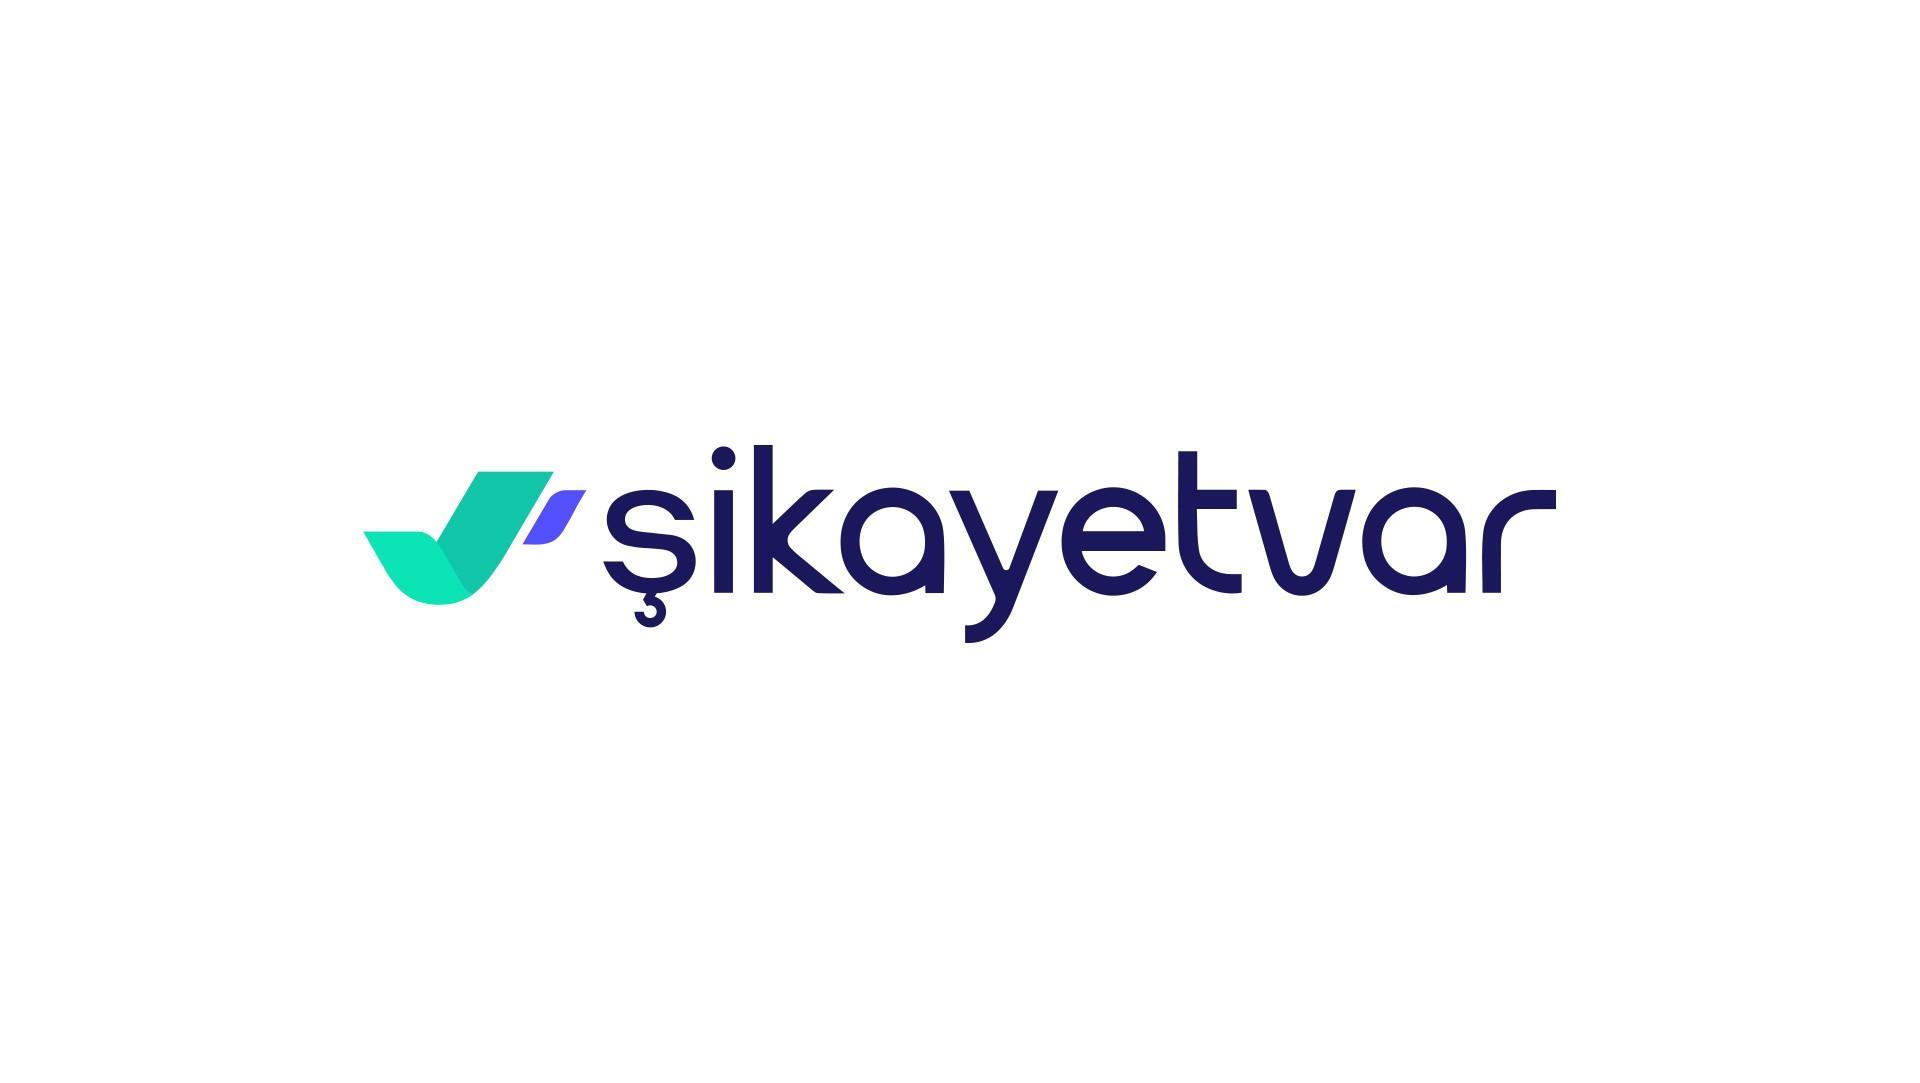 Şikayetvar 2021'e yeni logosu ve tasarımıyla girdi